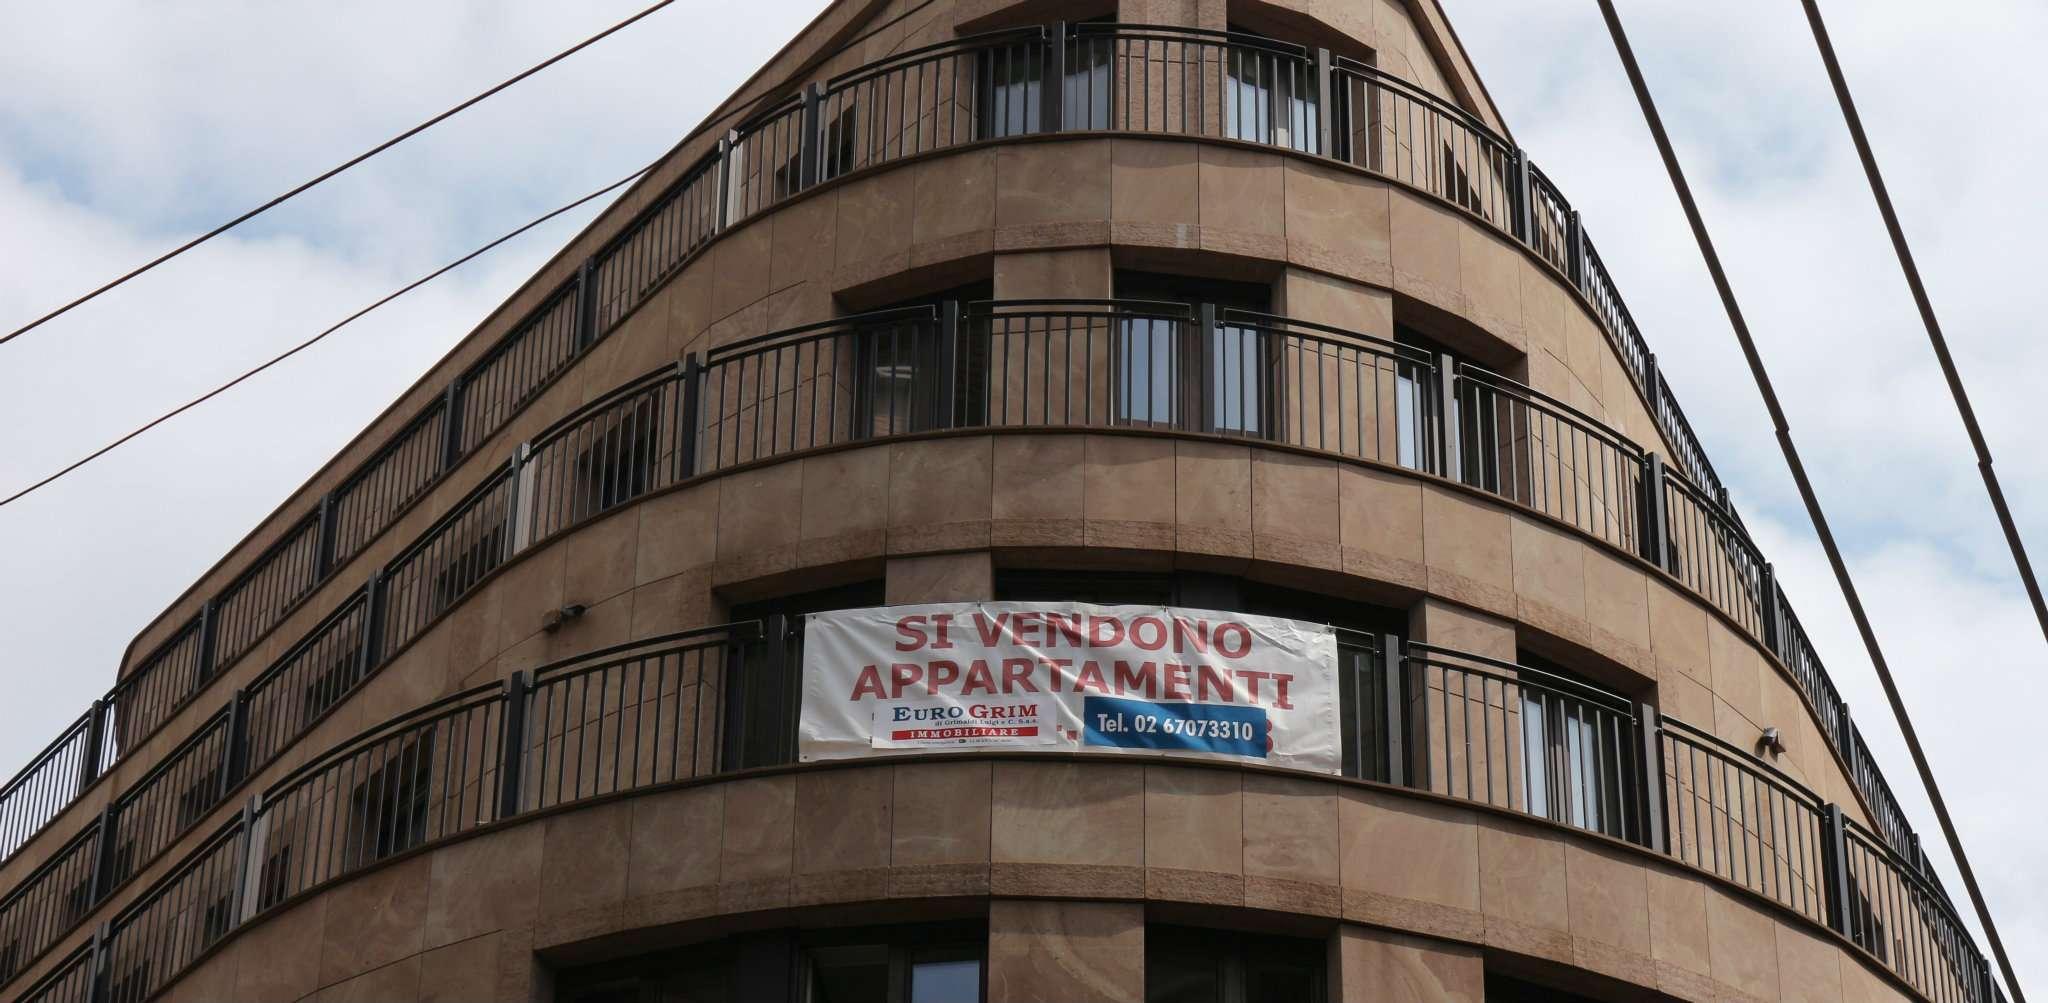 Appartamento in vendita a Milano, 9 locali, zona Zona: 1 . Centro Storico, Duomo, Brera, Cadorna, Cattolica, Trattative riservate | Cambio Casa.it